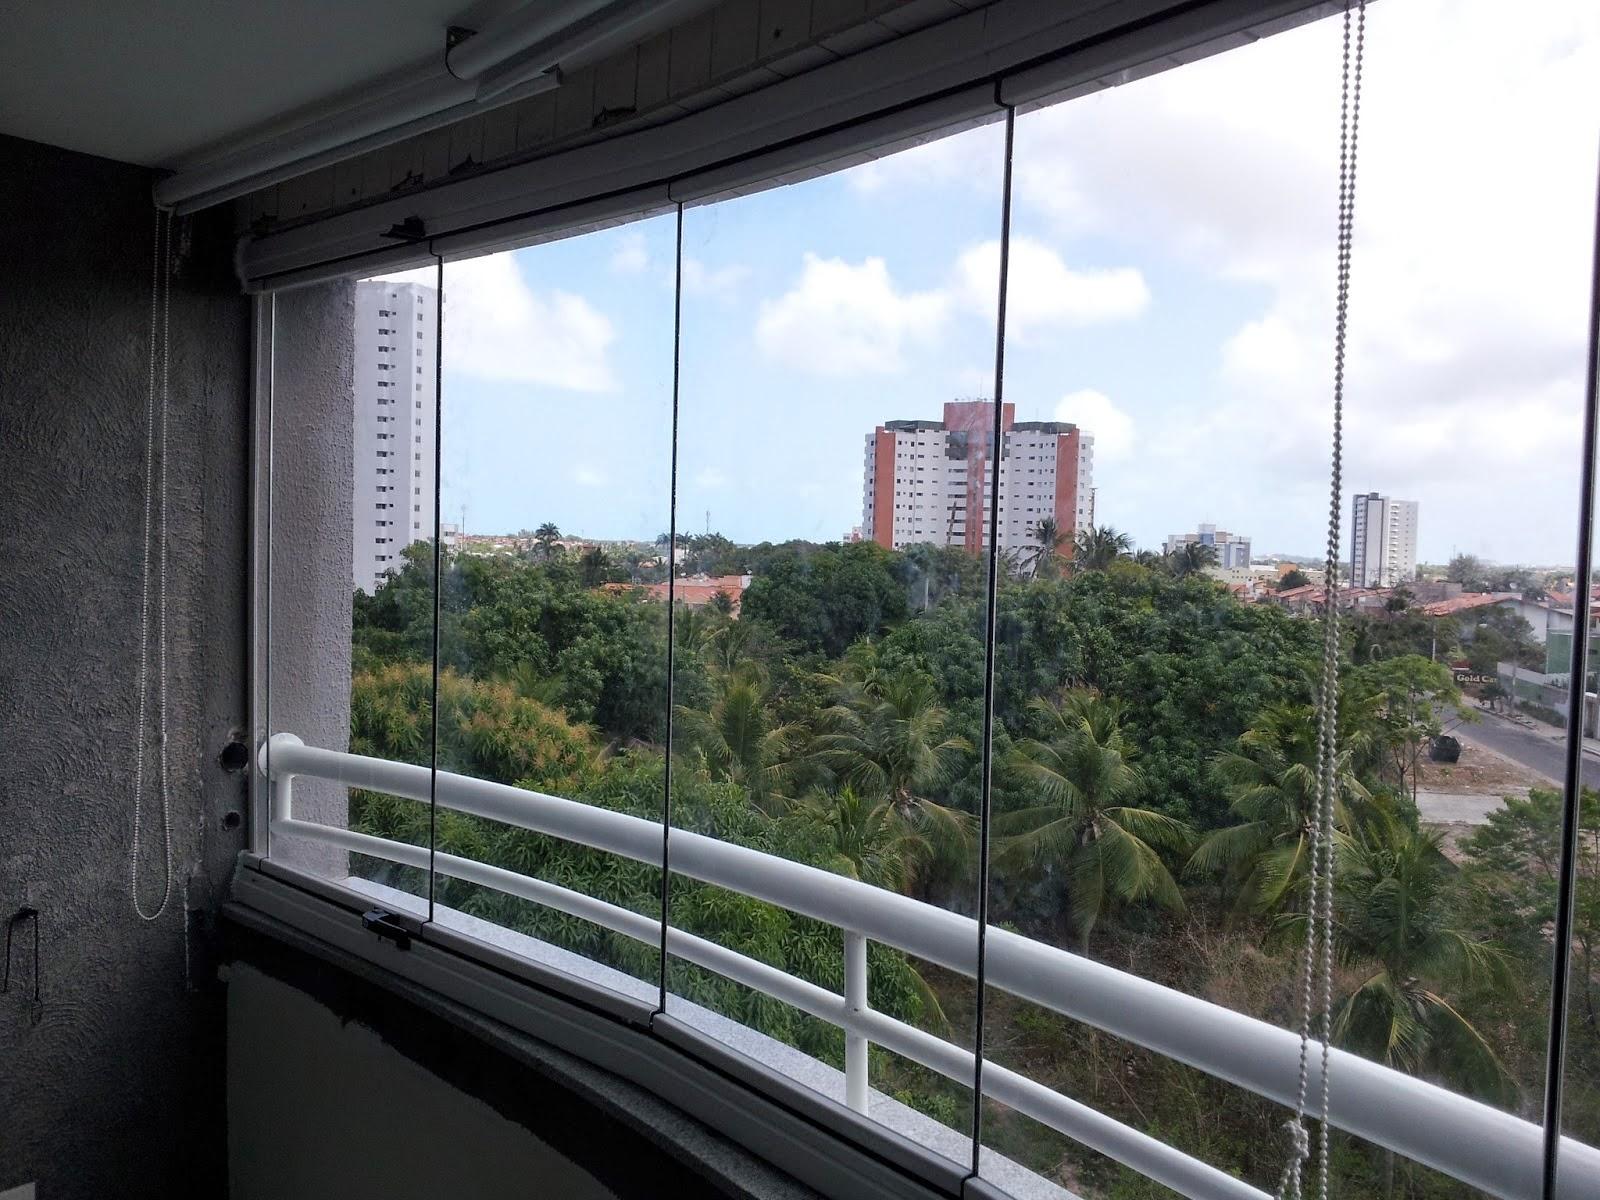 #2D609E CRIATIVO VIDRAÇARIA : CORTINA DE VIDRO EM FORTALEZA 414 Janelas De Vidros Em Fortaleza